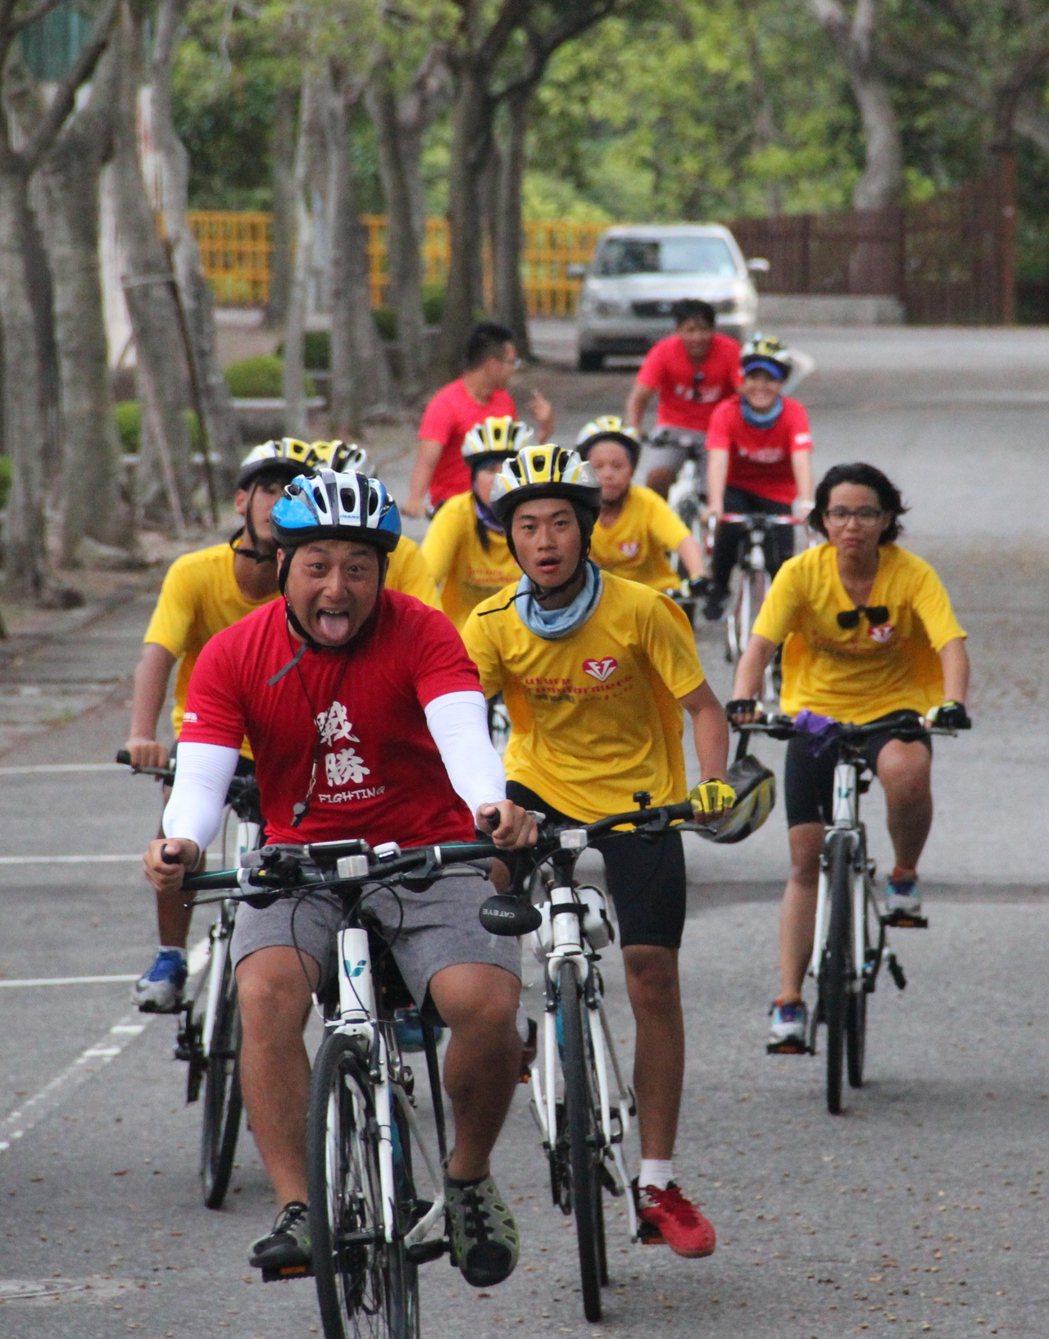 夢想隊騎士抵達終點前的衝刺,隊友就在前方為他們歡呼。特約記者簡鈺璇/攝影